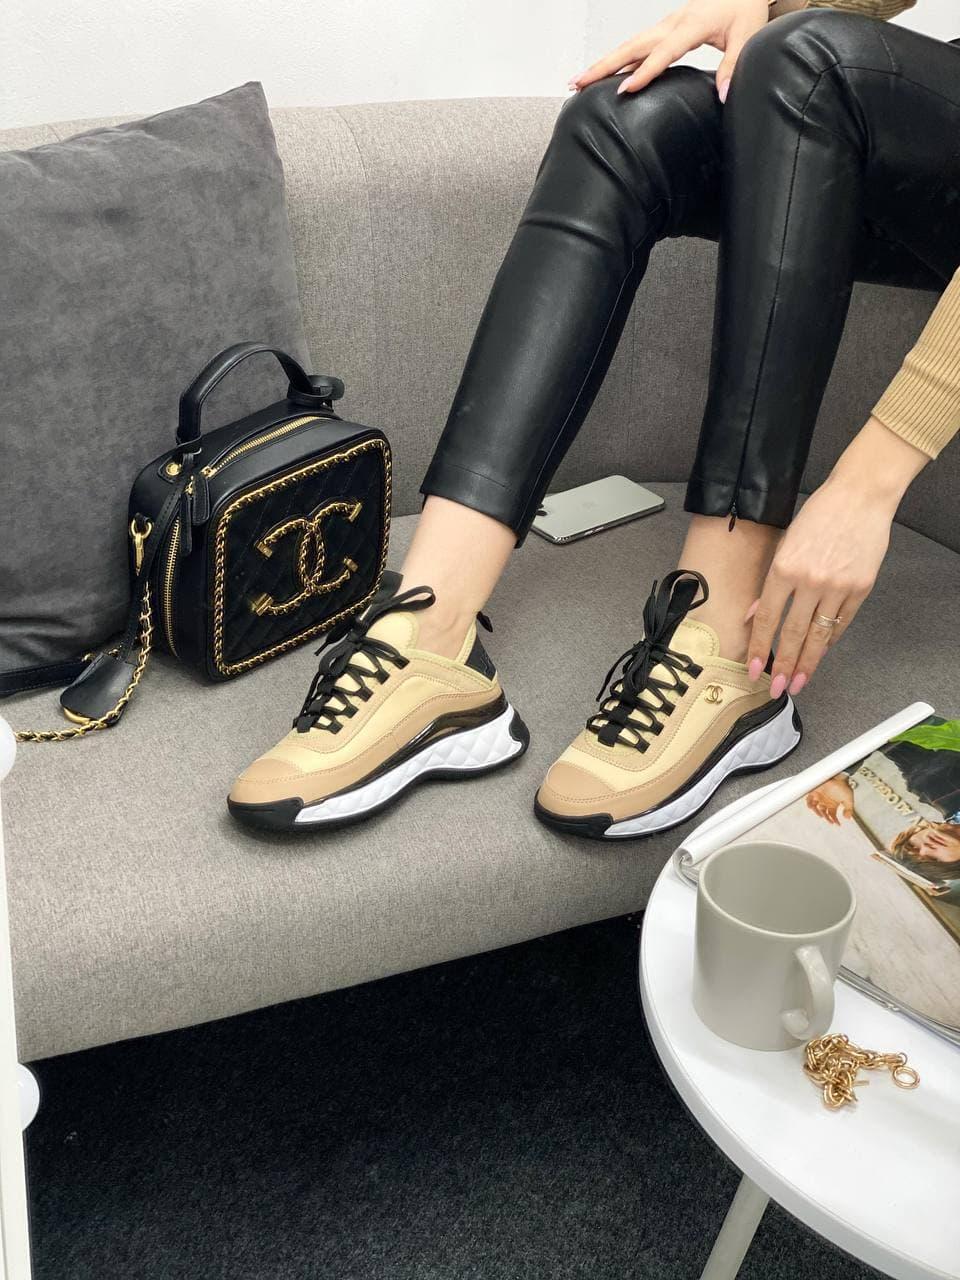 Женские кроссовки Chanel Sneakers Beige (бежевые) CH002 крутые кроссы для стильной девушки